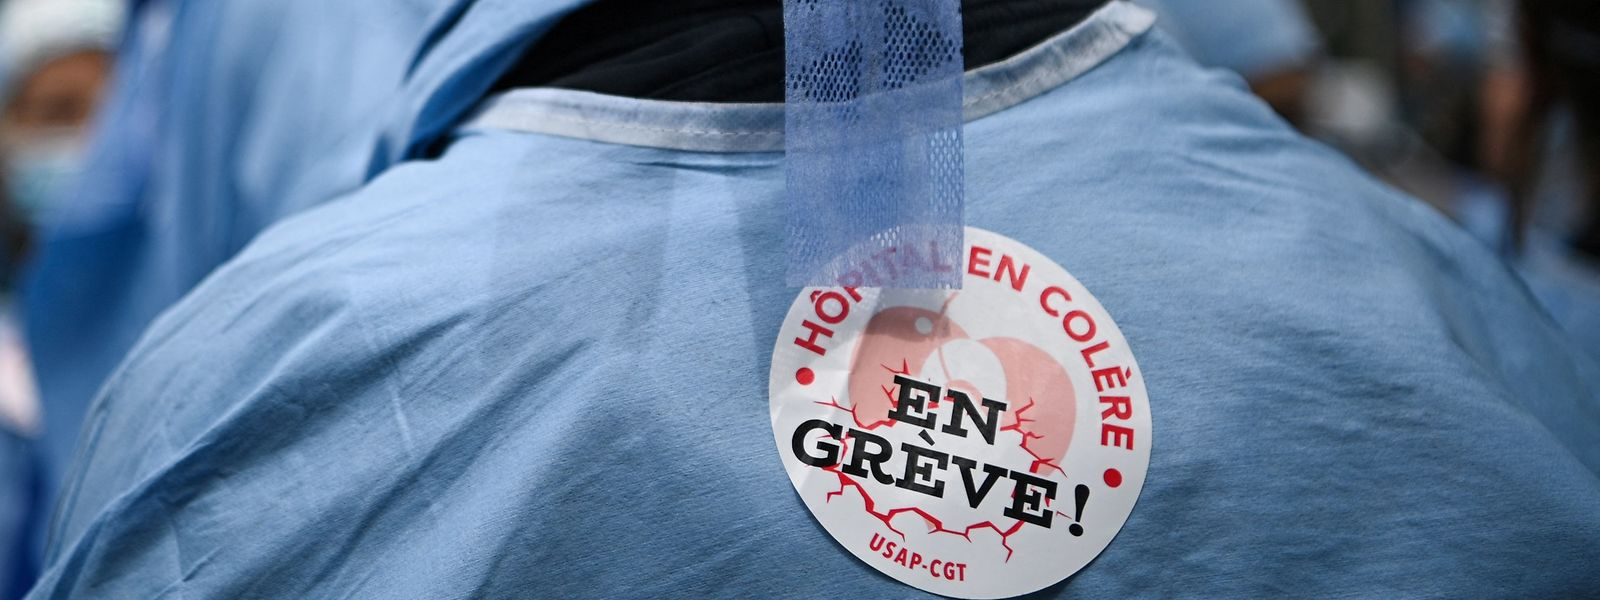 Enfermeiros num protesto em França por maior reconhecimento da profissão e salários mais elevados.